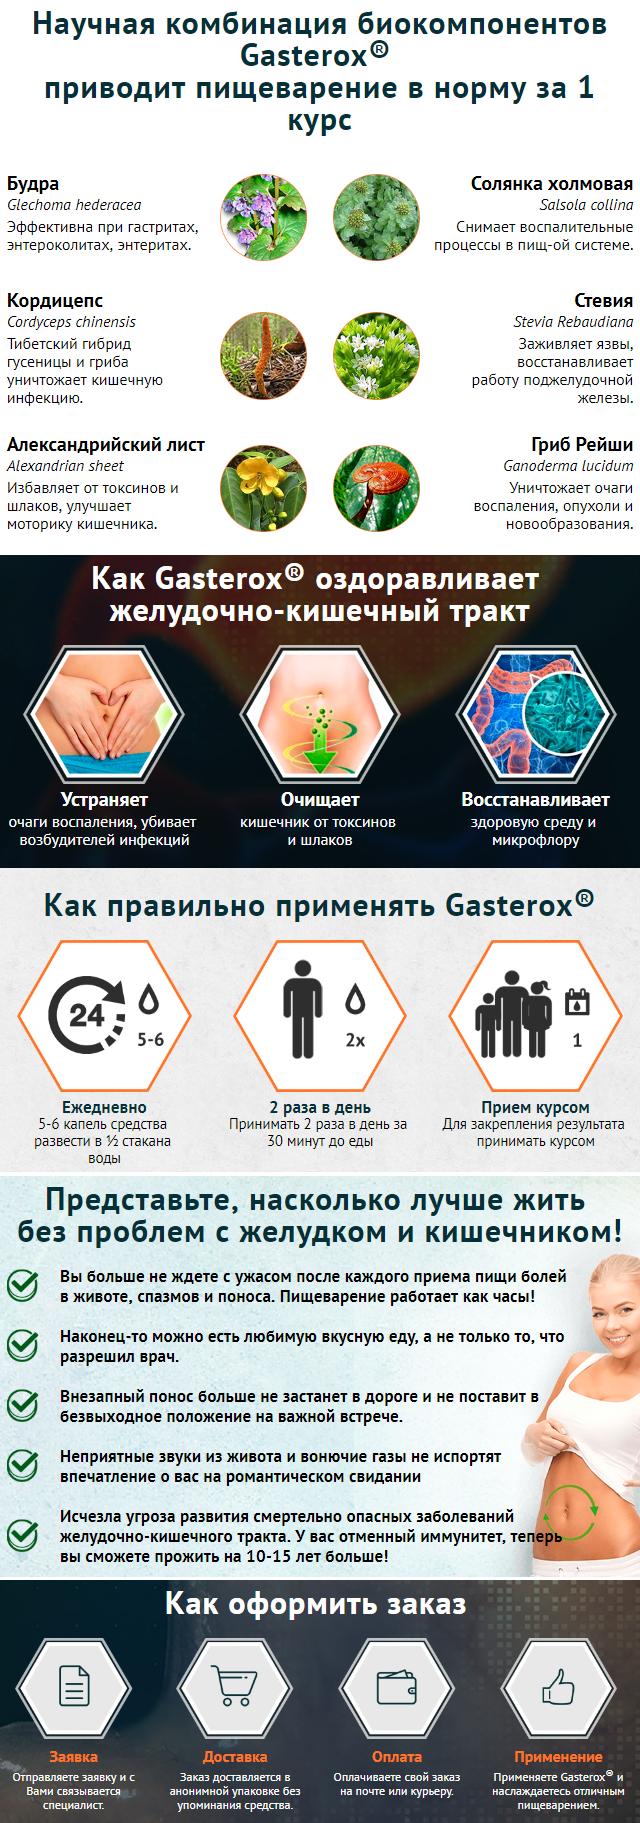 Gasterox от болезней живота и кишечника в Копейске